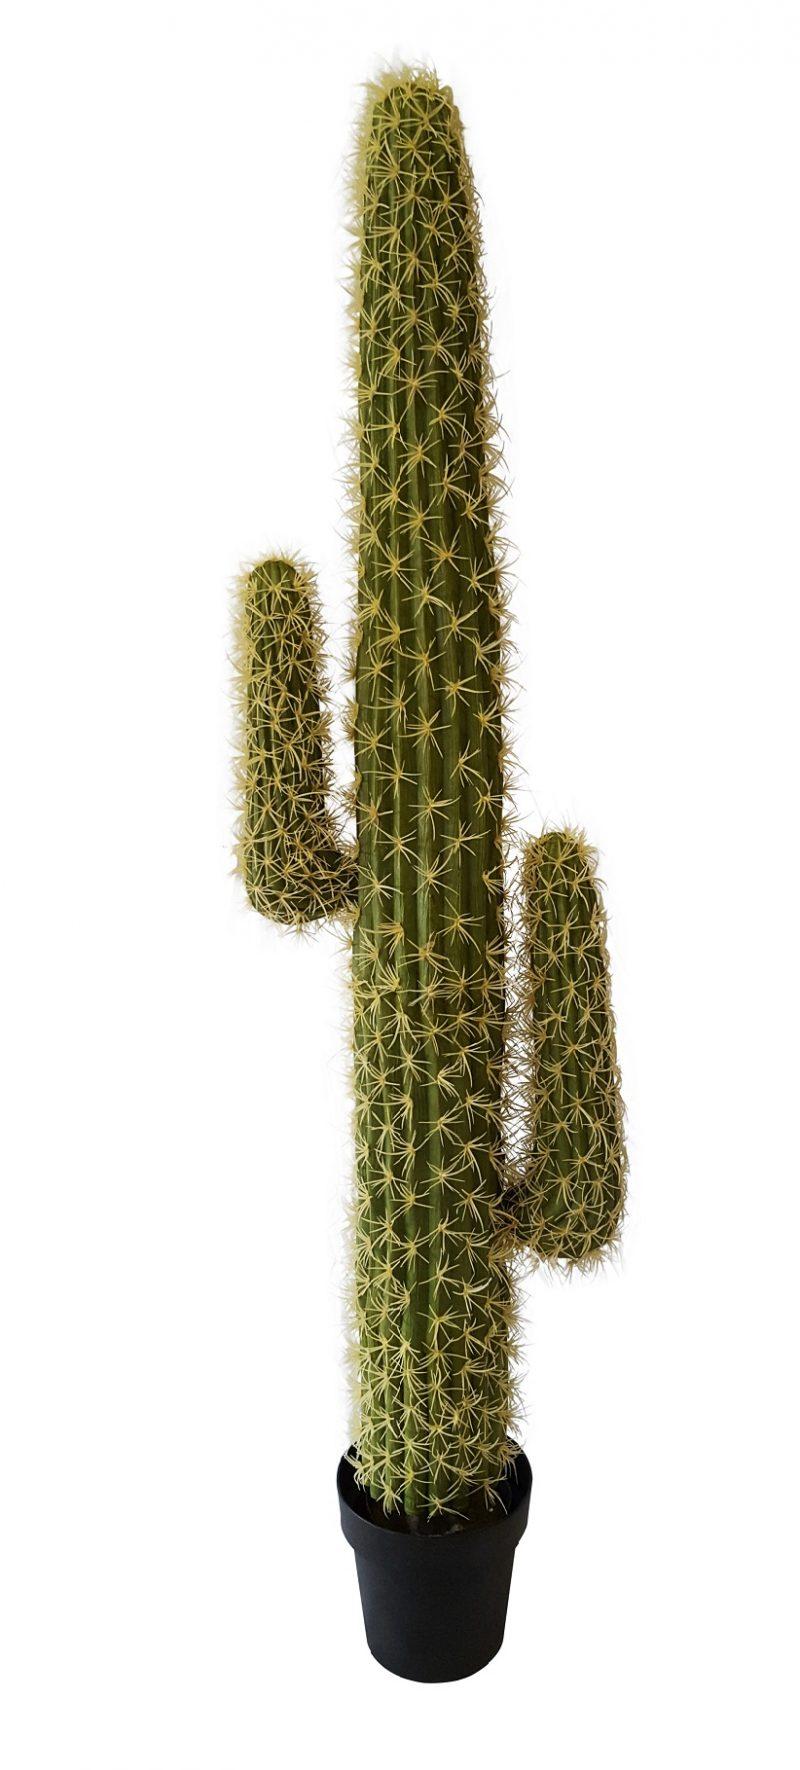 Namaak Cactus Nagano 145cm